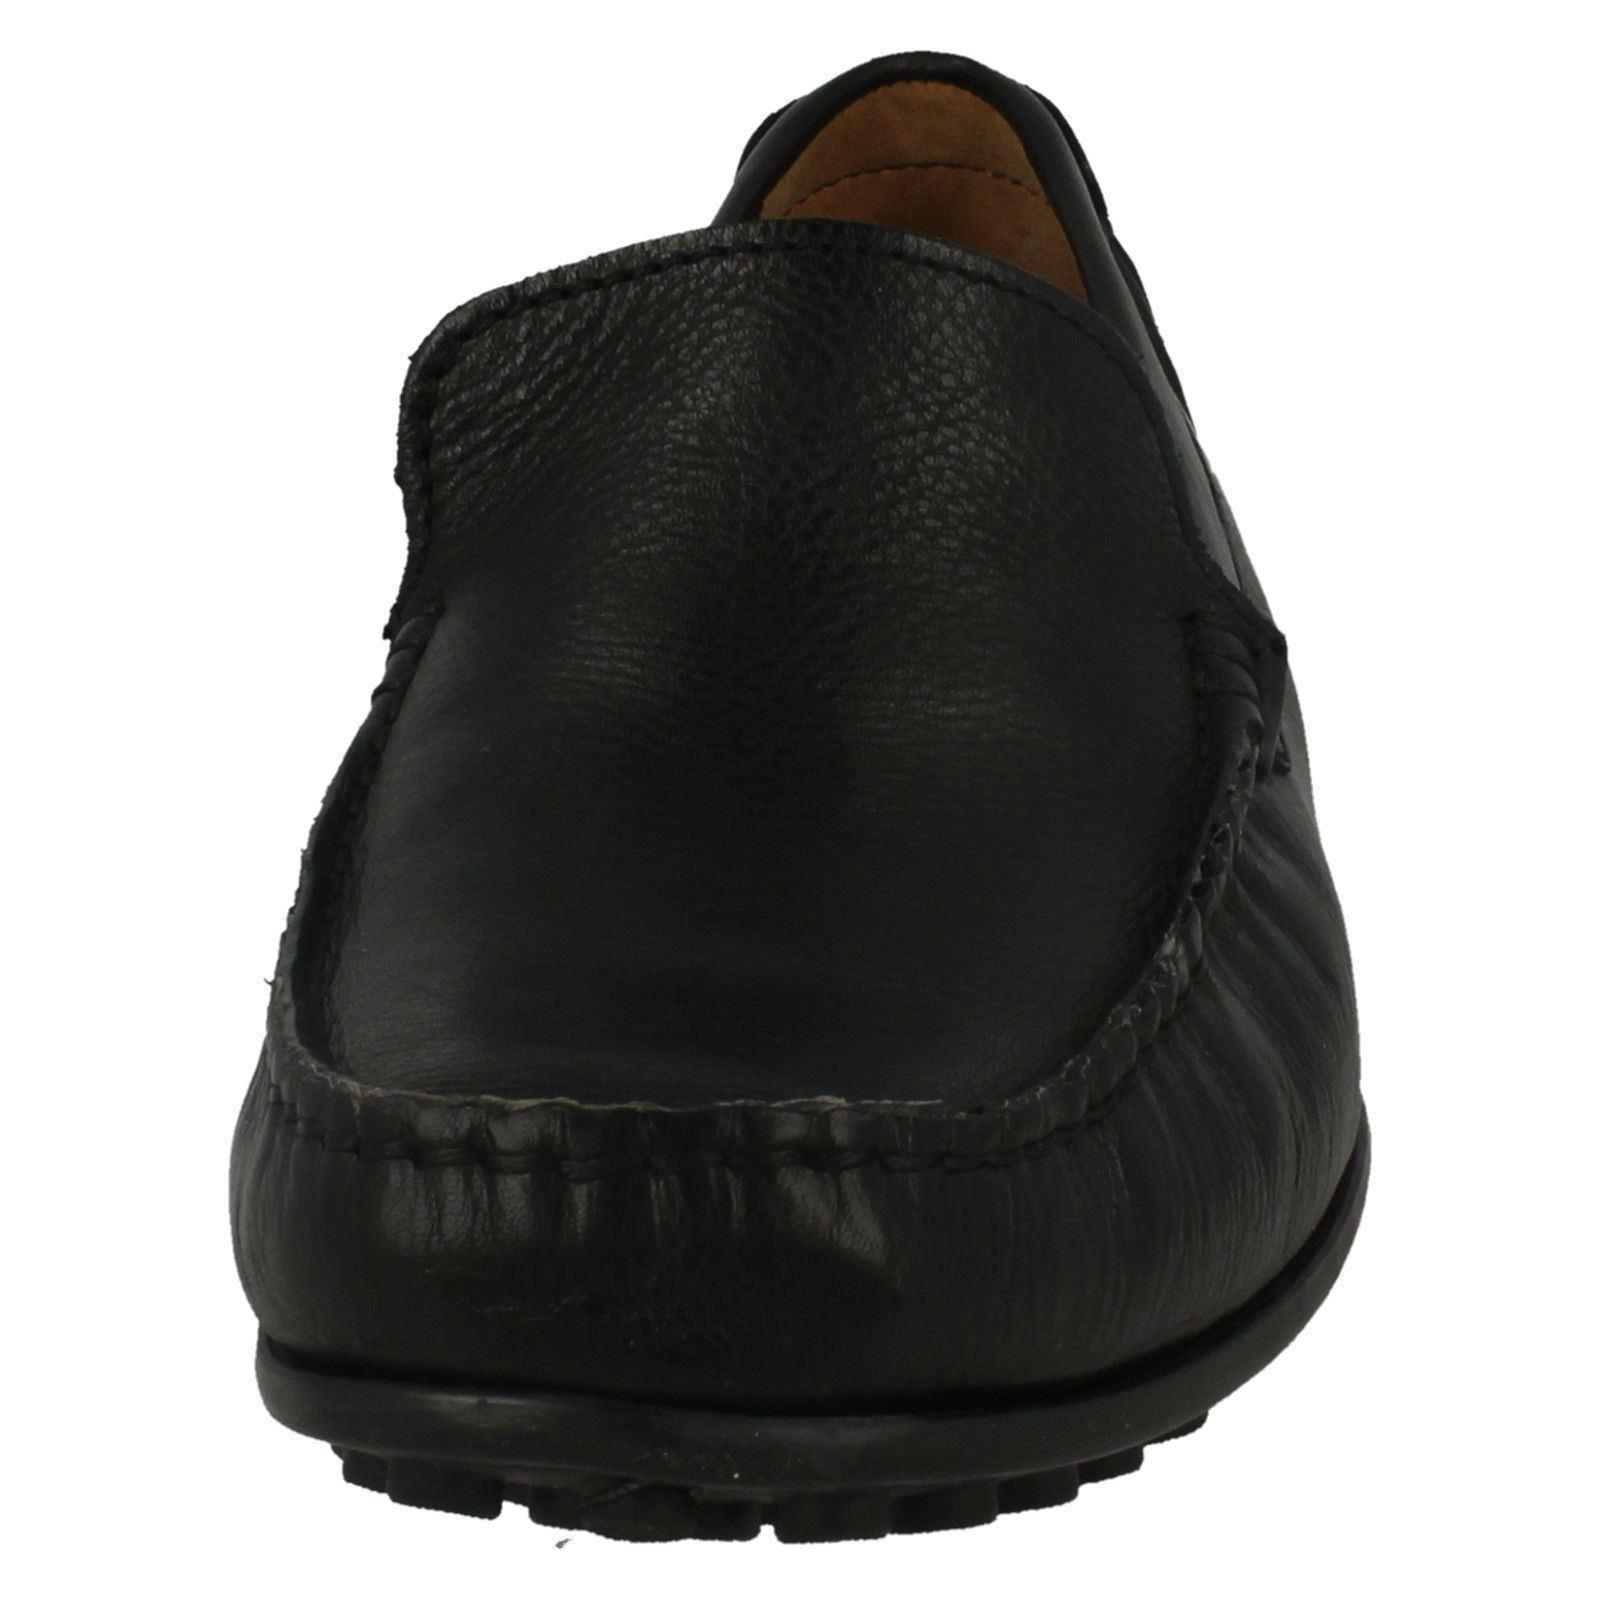 Cordones Gratis Mens Hamilton Zapatos Clarks Sin Formal wxBnOfSqpg